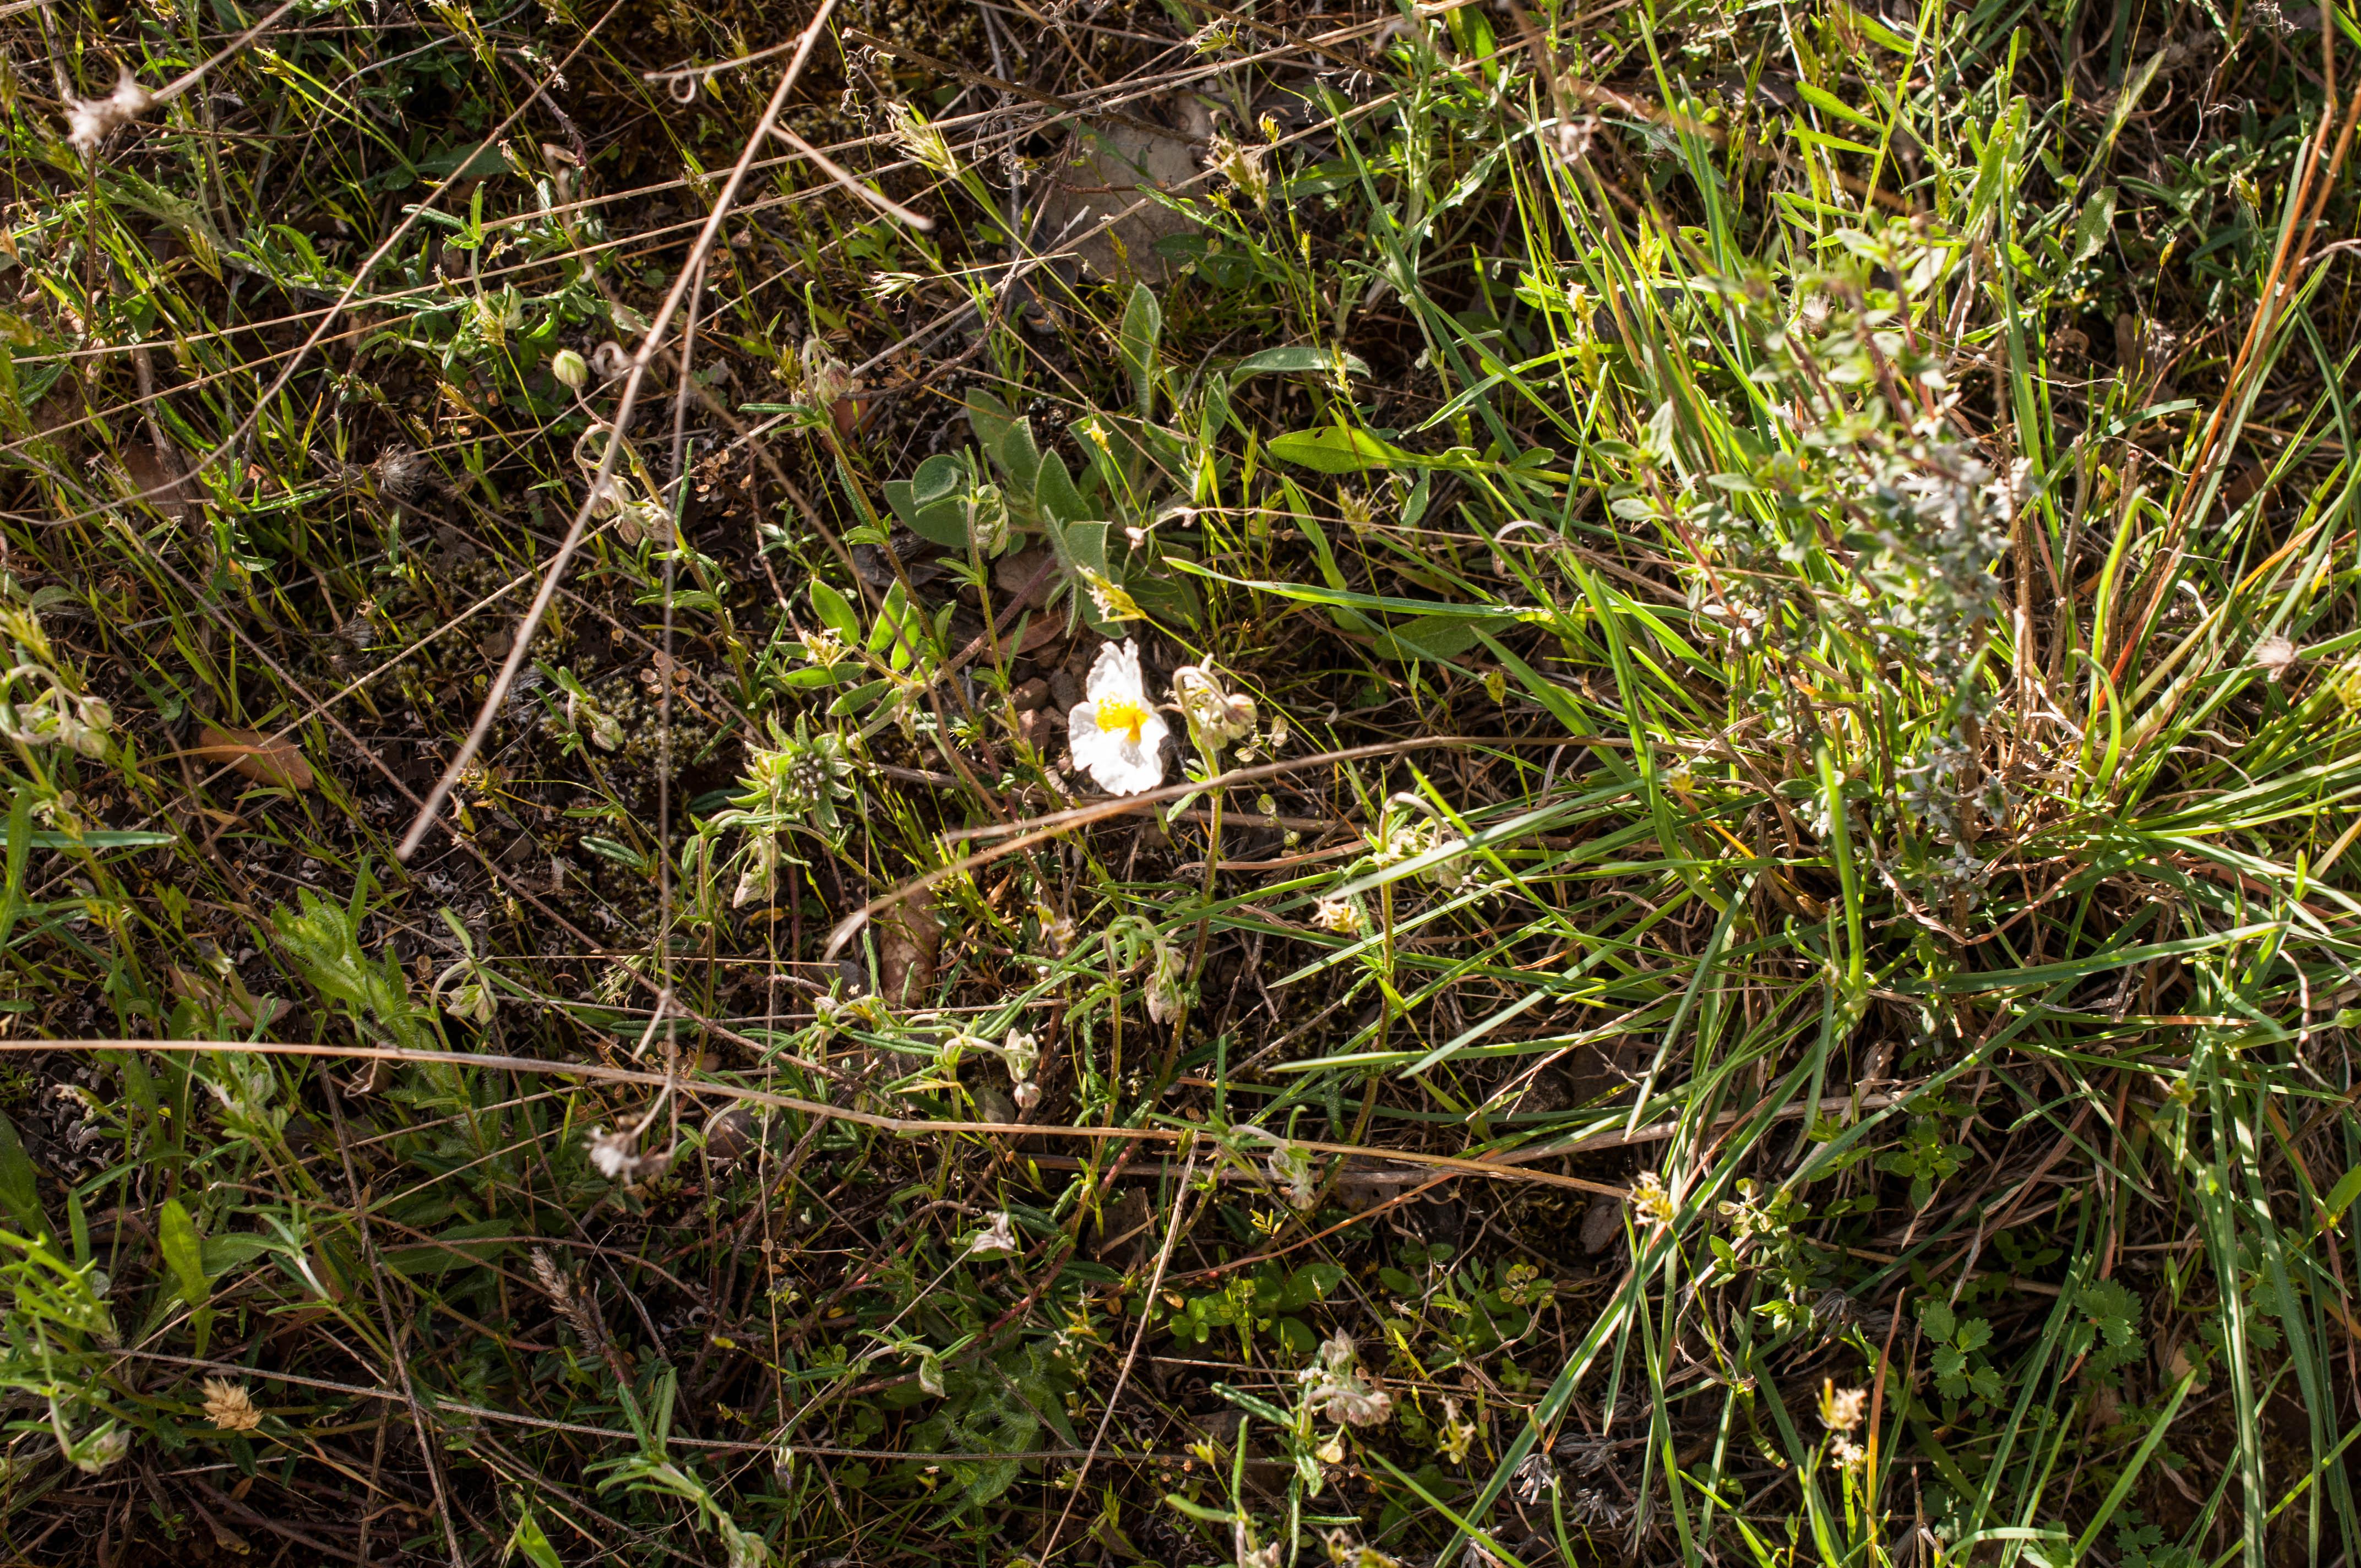 Helianthemum apenninum Las Obreras de Aliste CB Artesanos de la Miel Aliste Gallegos del Campo Artesanos de la Miel